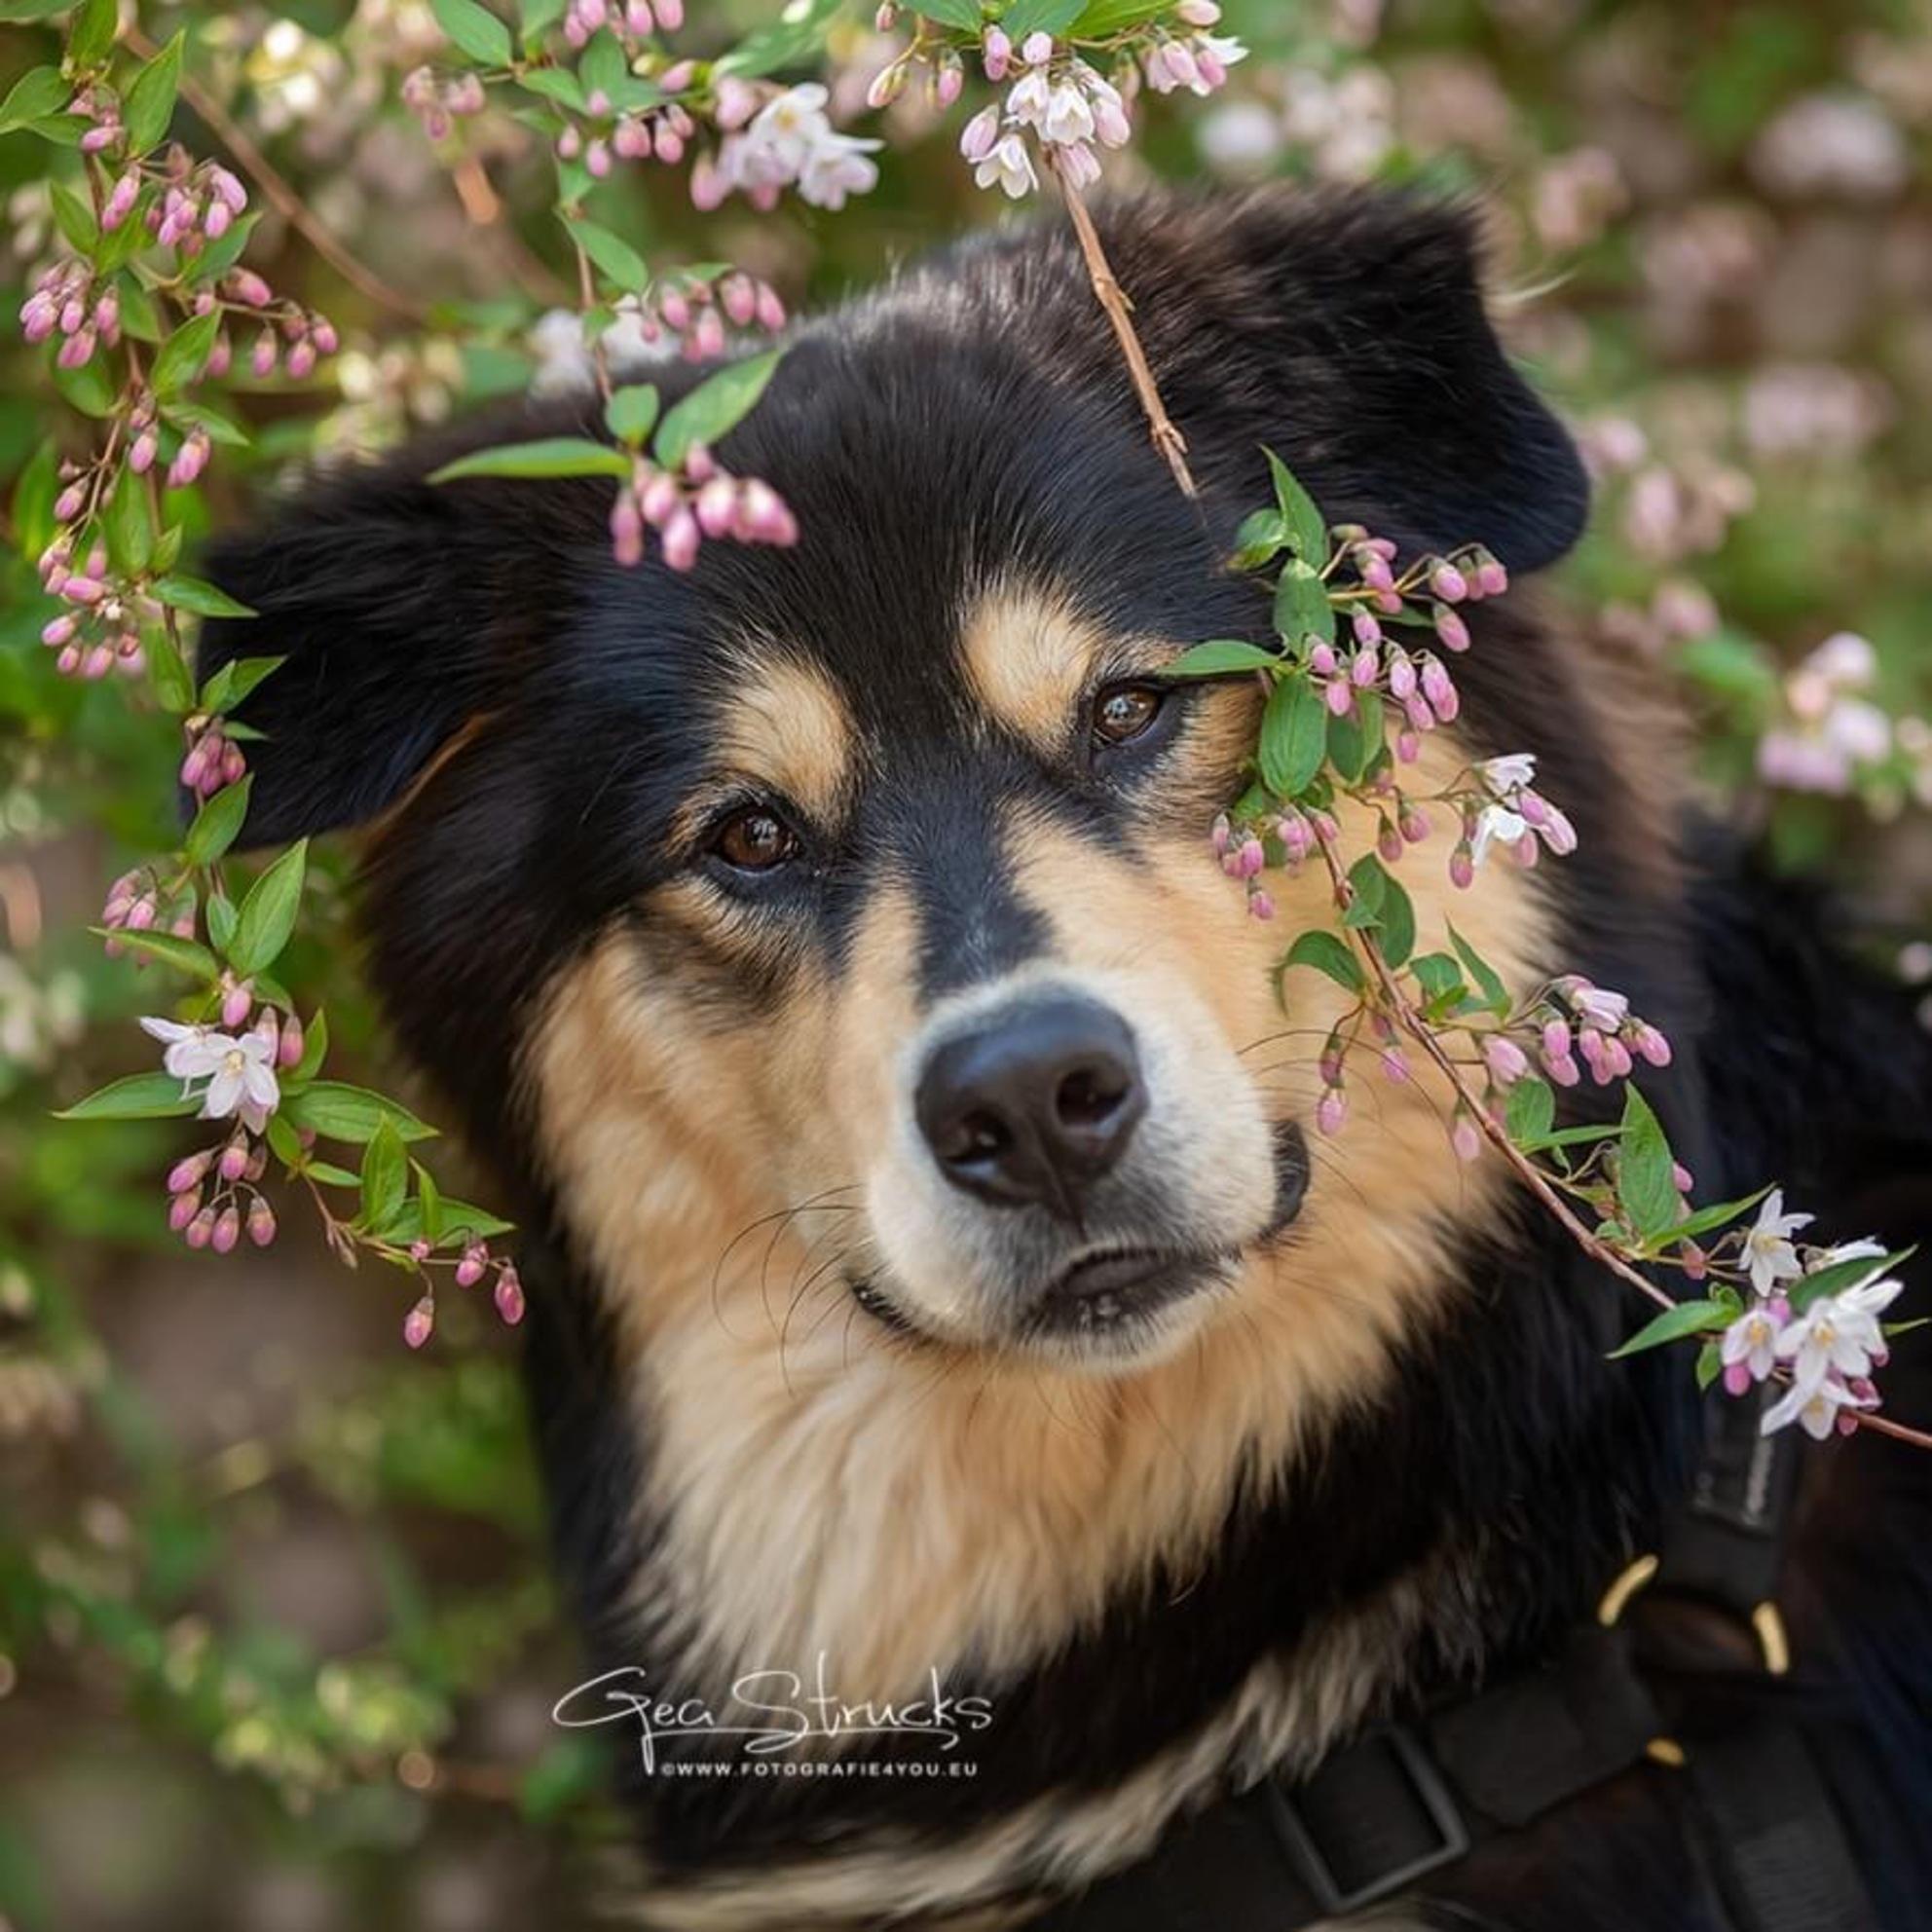 96254C00-FF97-4132-9F68-5AF175A4B5E8 - Prachtig Ravi tussen de bloesem. Dit geeft je meteen dat geweldige lente gevoel - foto door madcorona op 21-04-2020 - deze foto bevat: lente, bloemen, hond, honden, bloesem - Deze foto mag gebruikt worden in een Zoom.nl publicatie